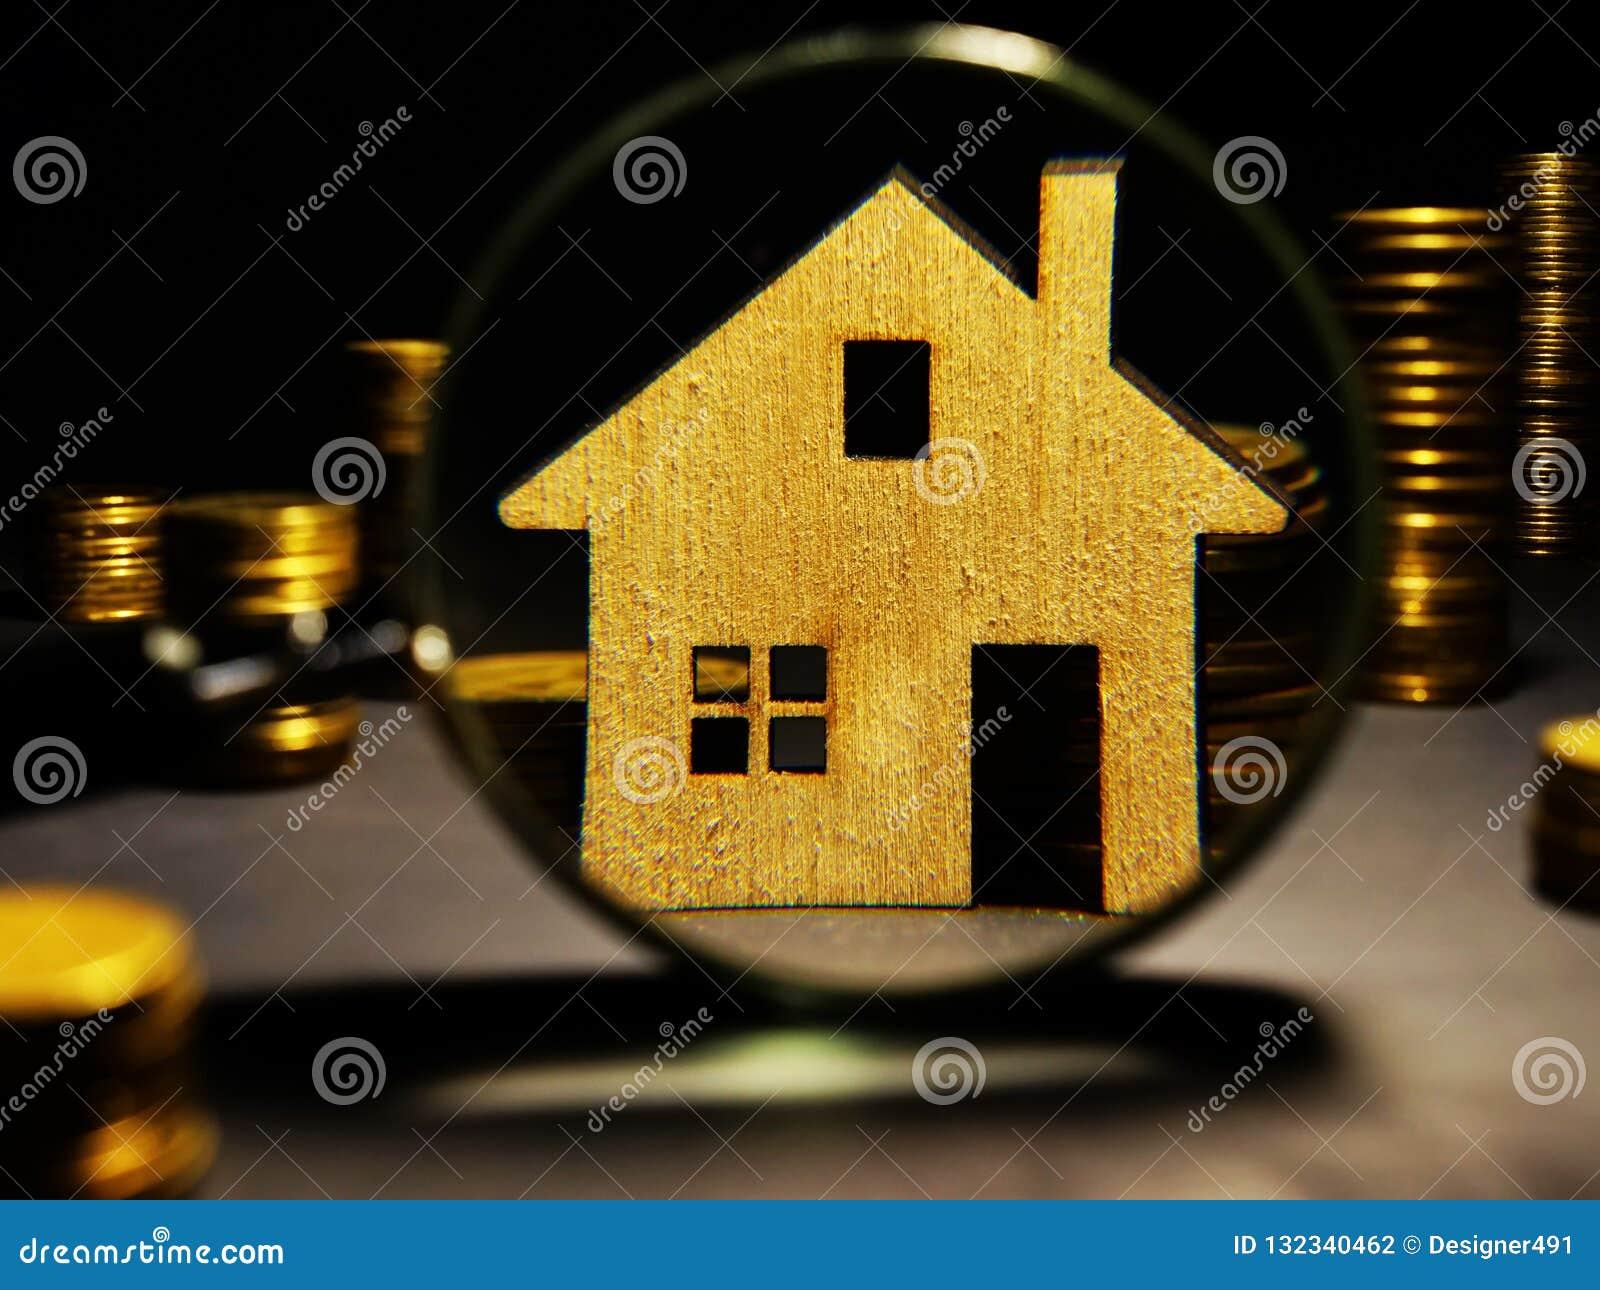 Ενίσχυση - γυαλί και πρότυπο του σπιτιού Αξιολόγηση της επένδυσης ιδιοκτησίας